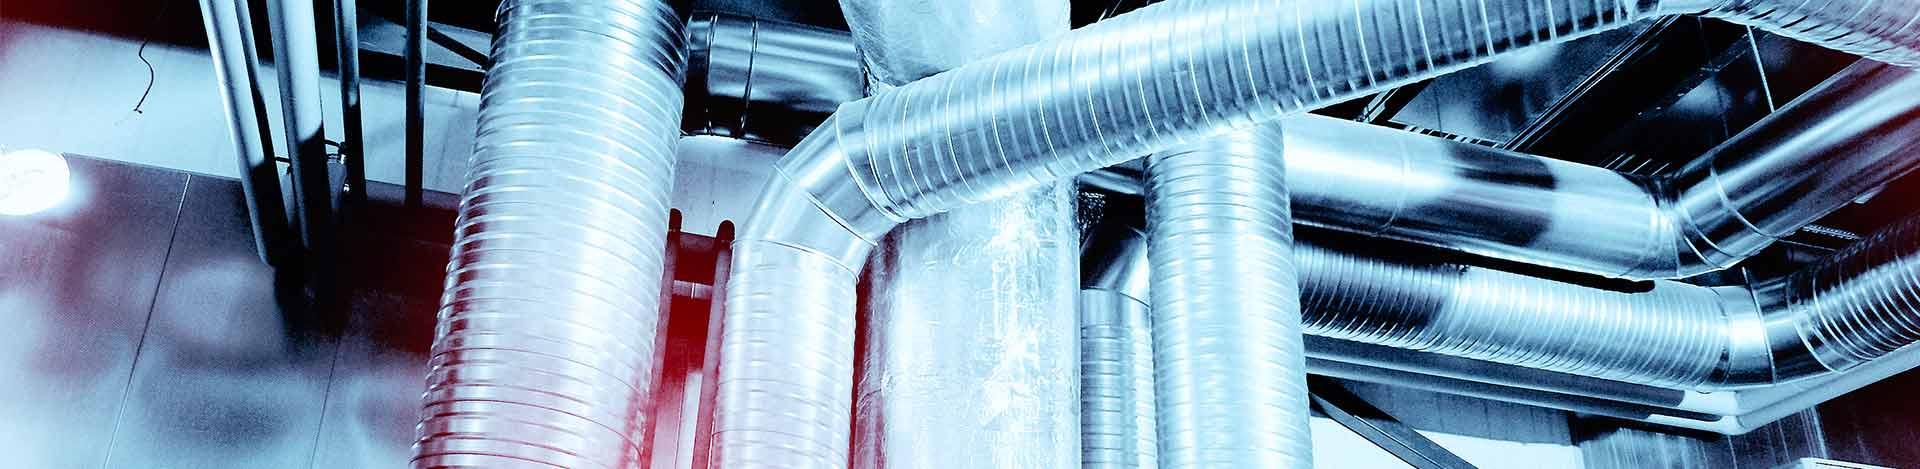 Autoproduction et autoconsommation d'EnR thermique